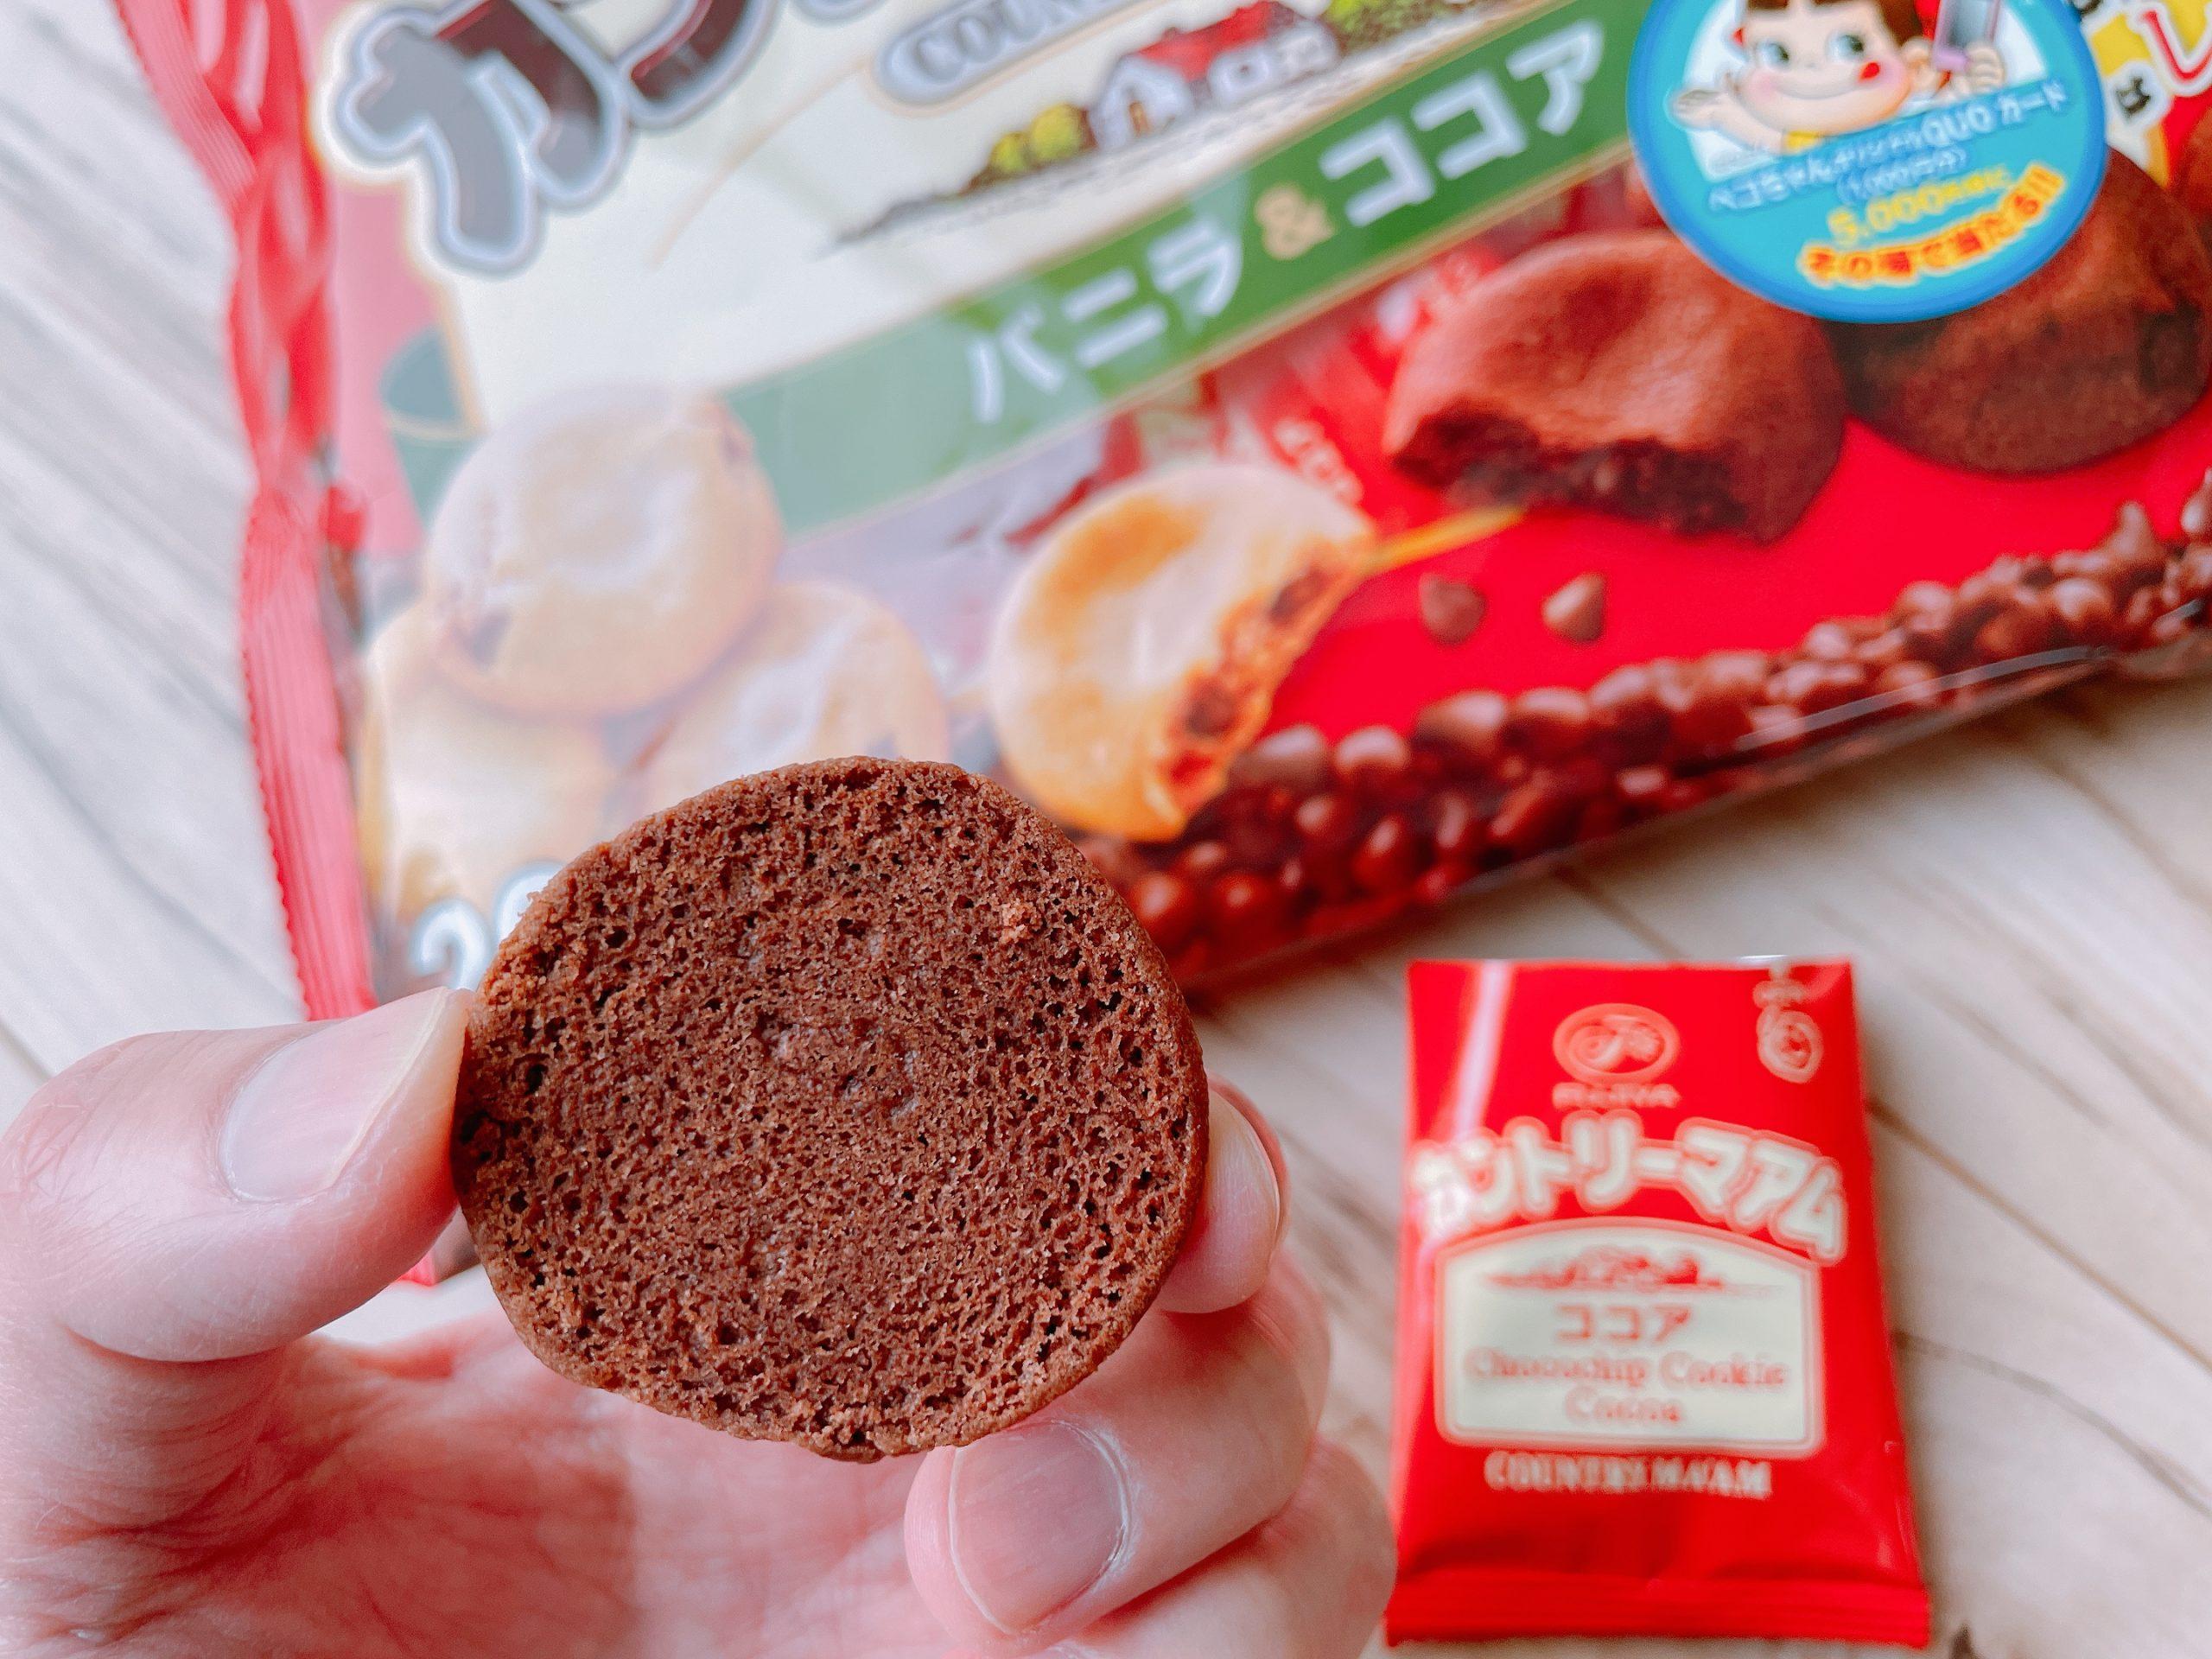 カントリーマアム(バニラ&ココア)のクッキーは、できたてを再現